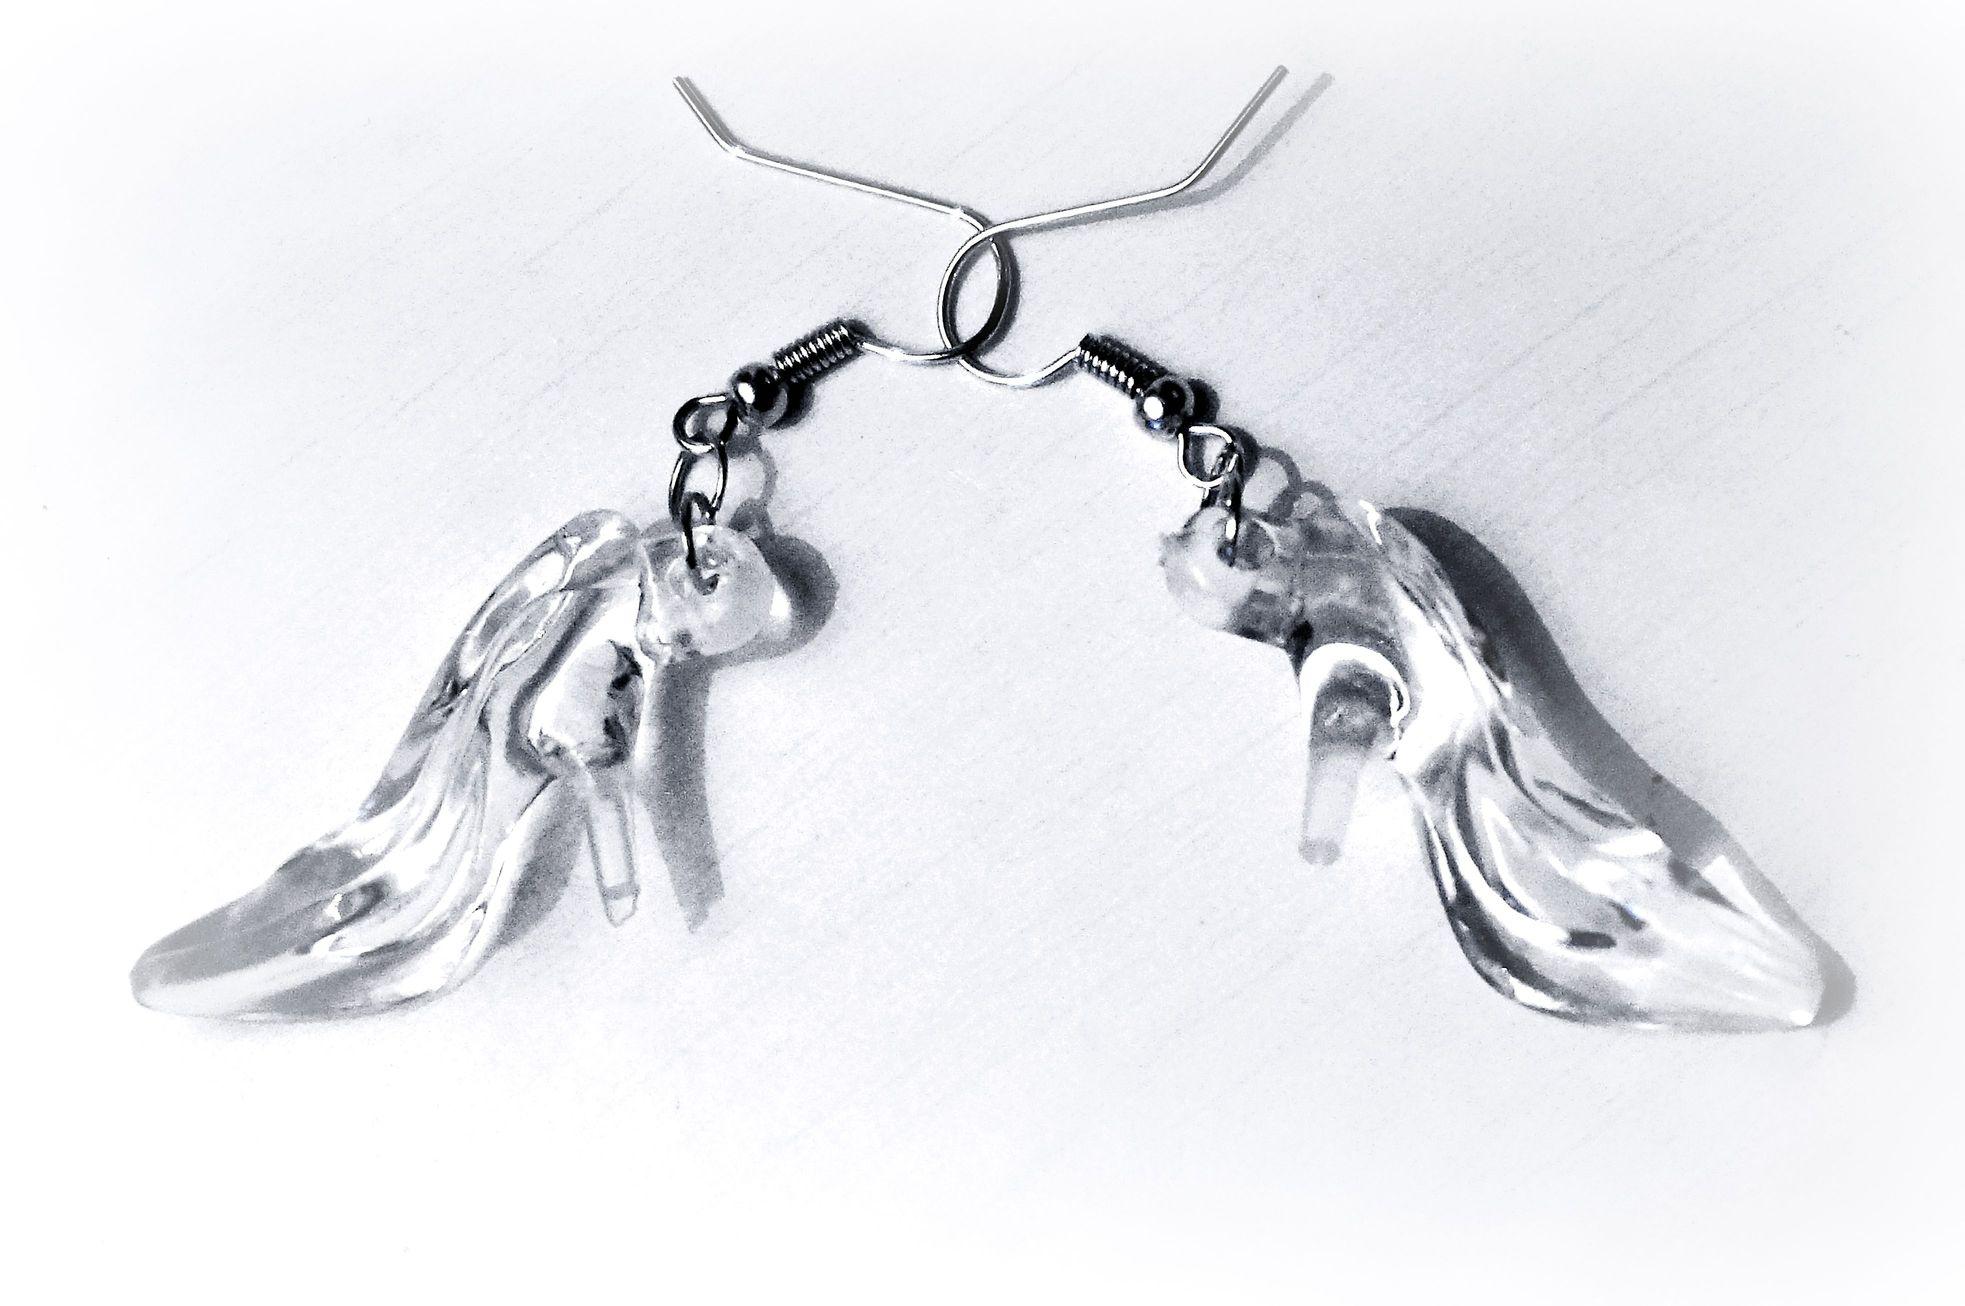 bdsm women shoes earrings